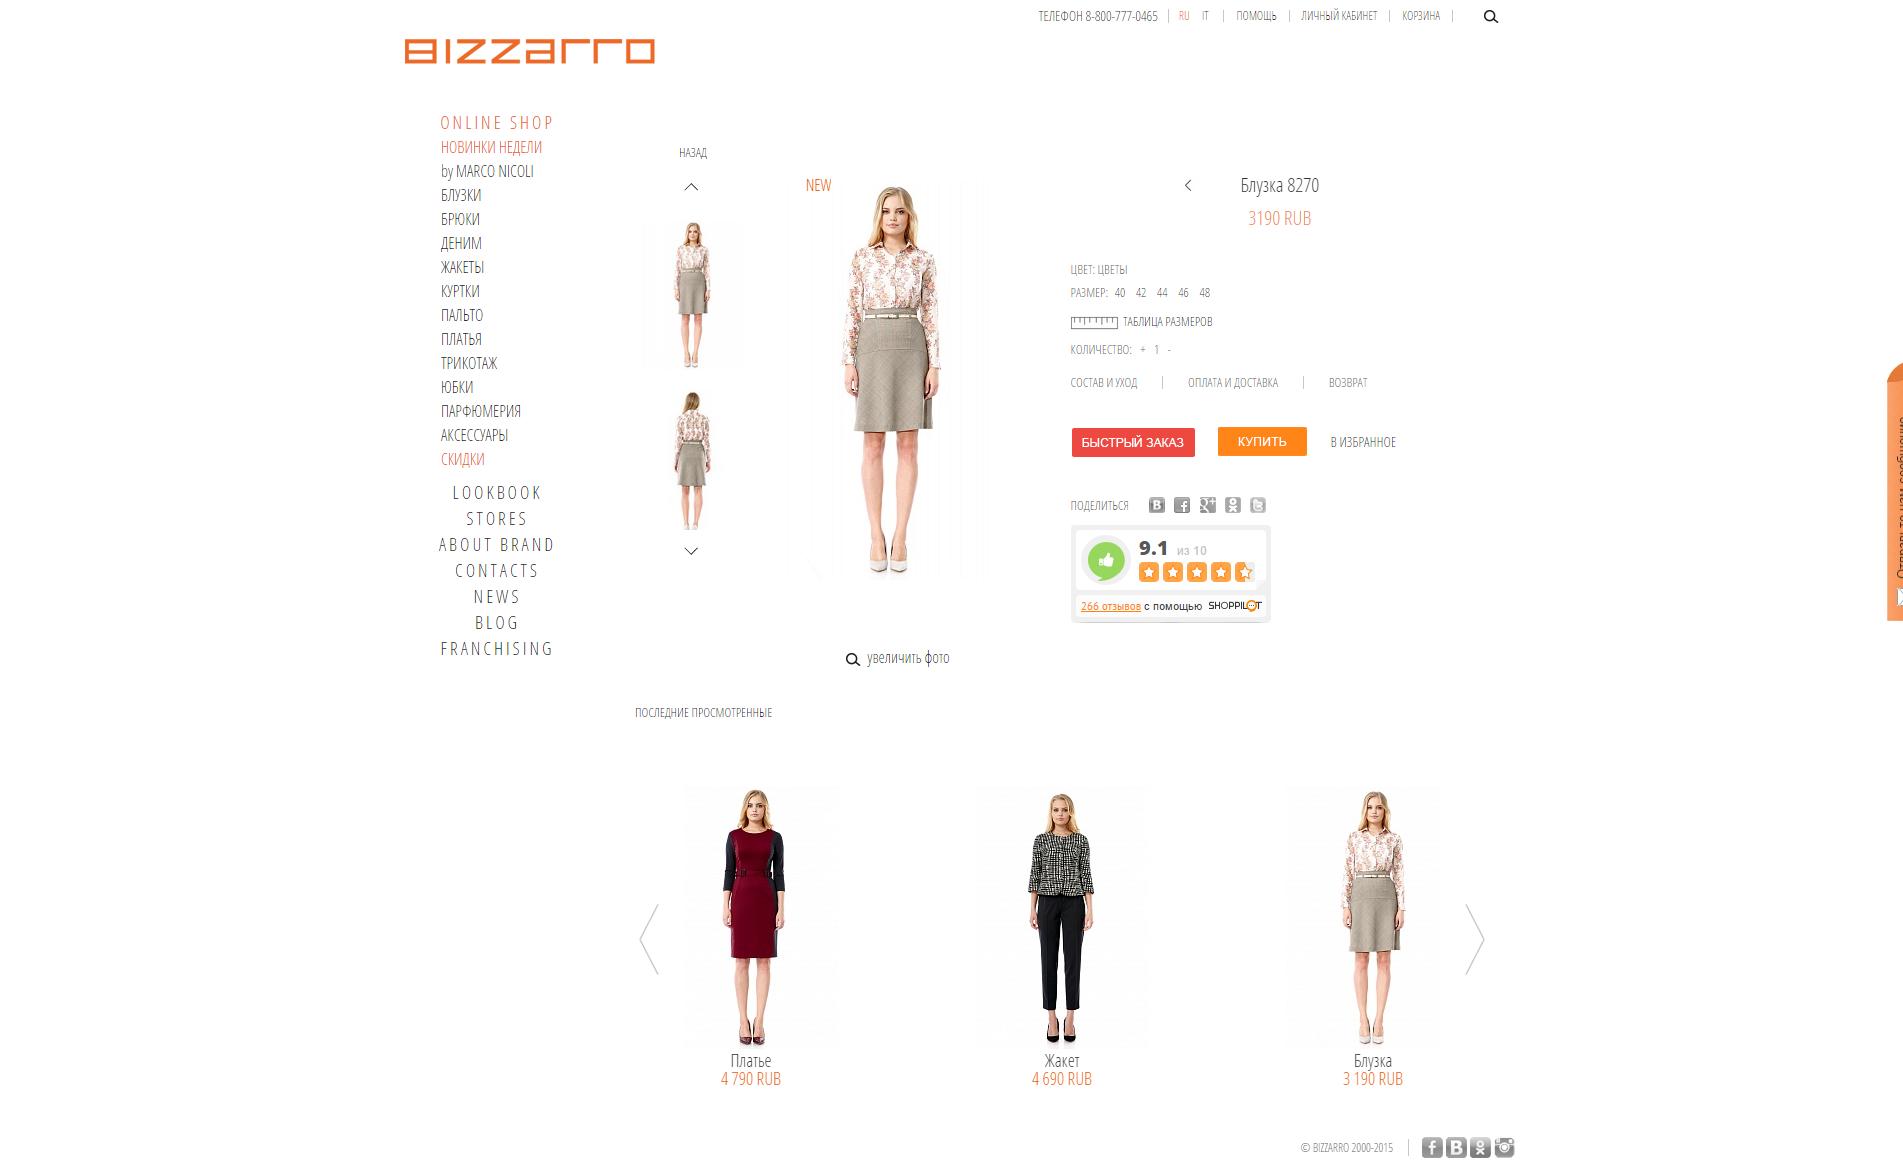 Bizzarro.com